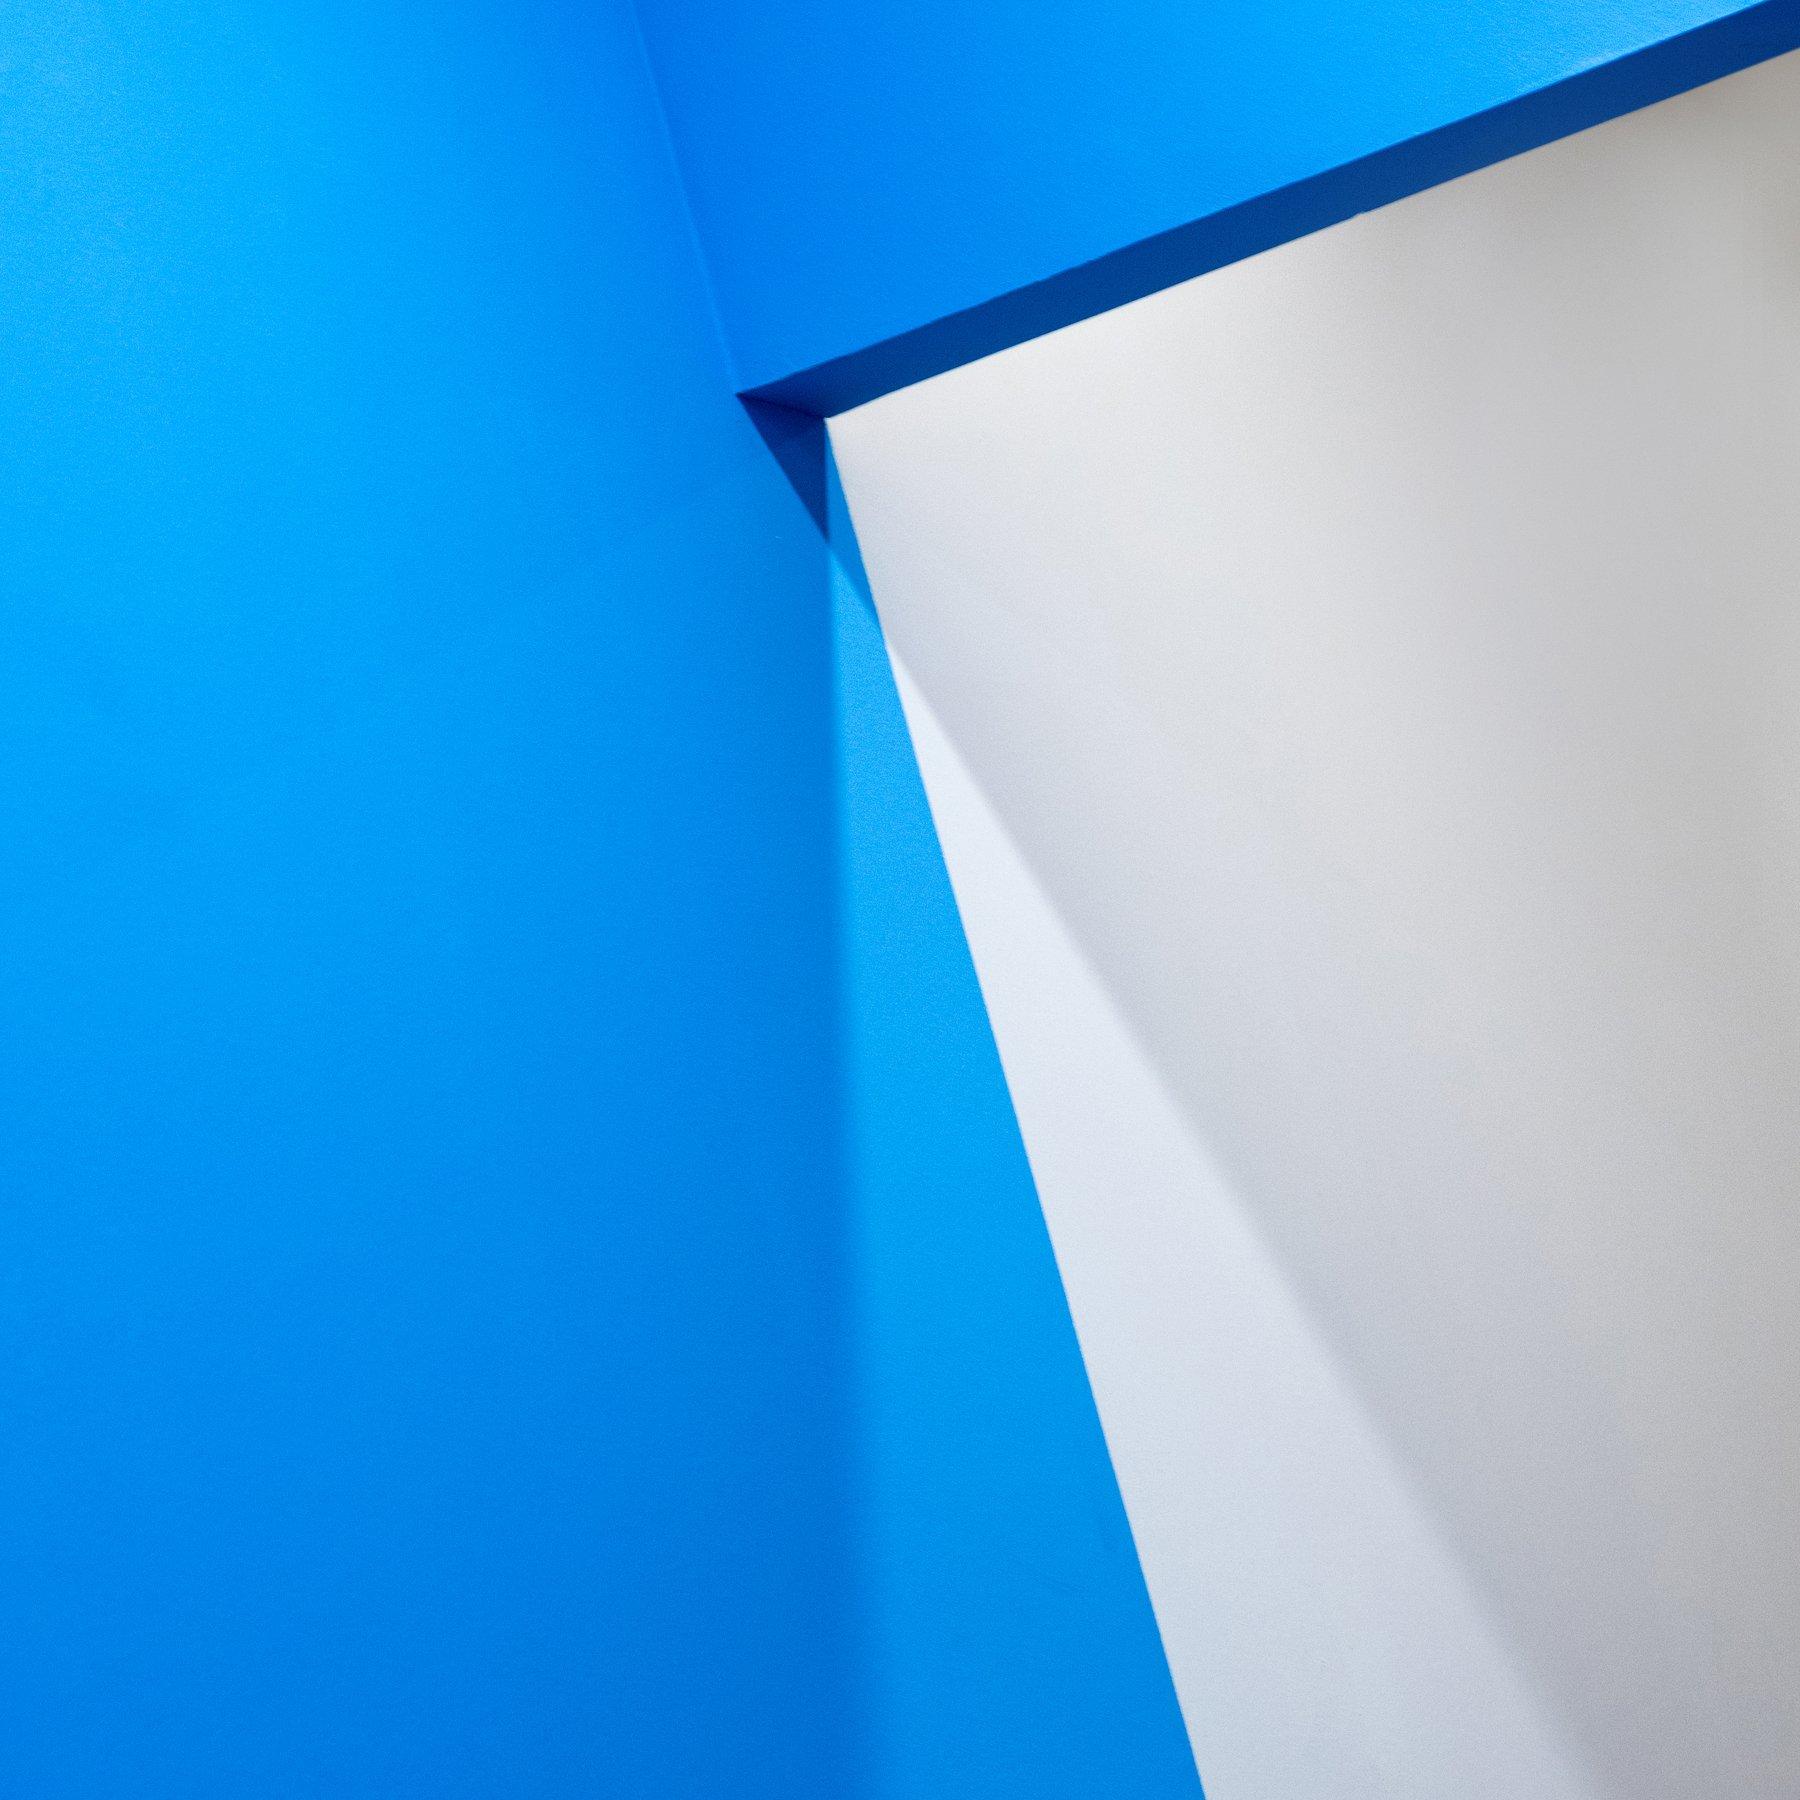 абстракция синее цвет тень стена архитектура, Лещенко Юлия